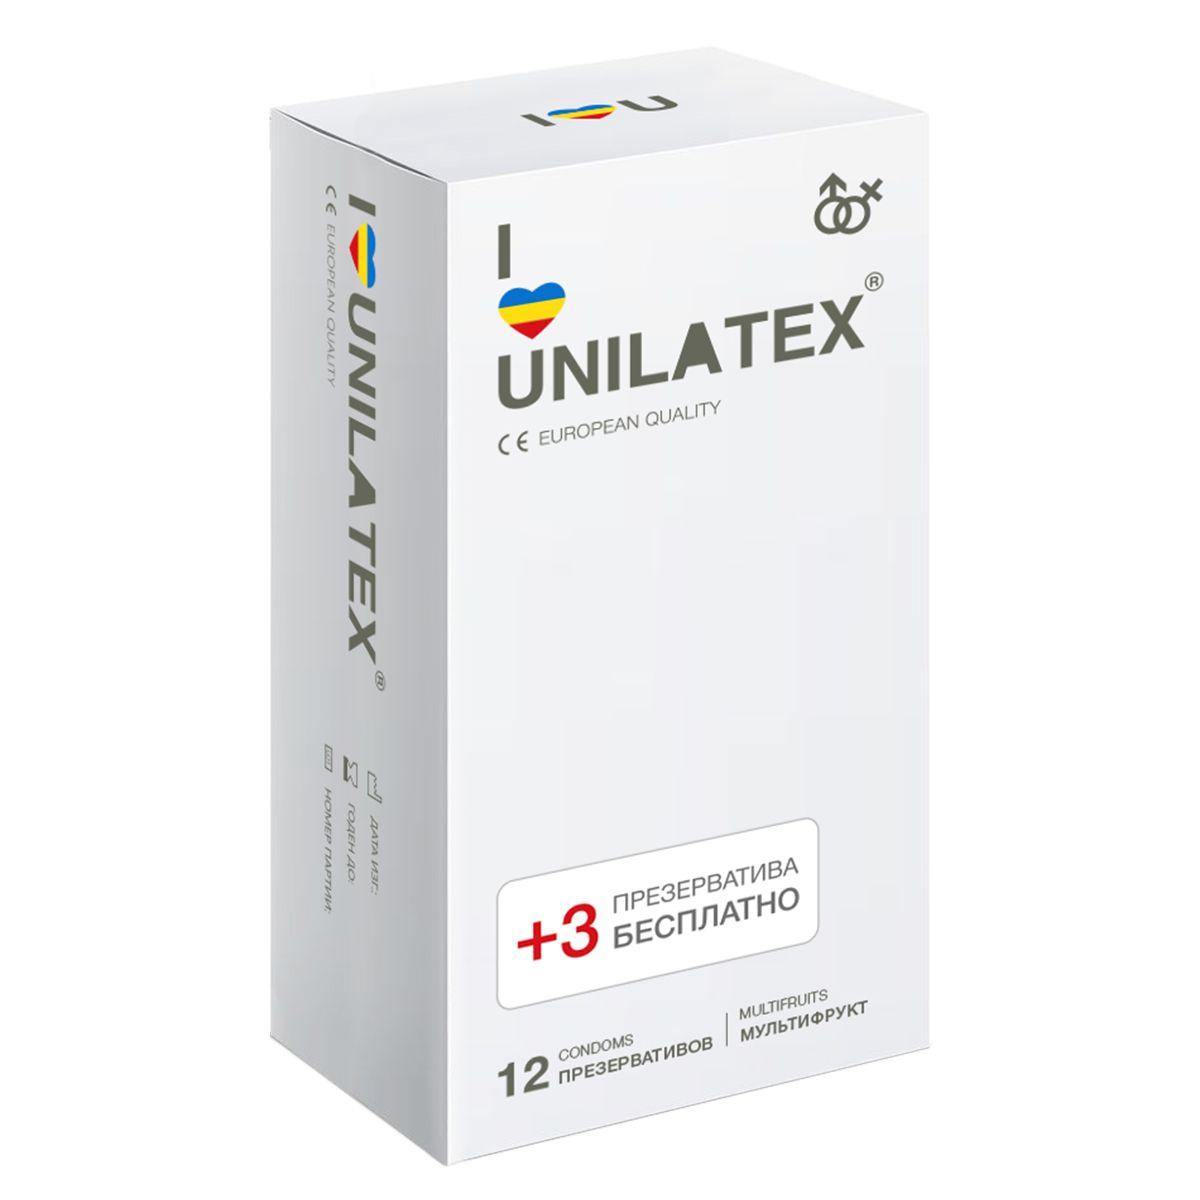 Фото Разноцветные ароматизированные презервативы Unilatex Multifruit  - 12 шт. + 3 шт. в подарок